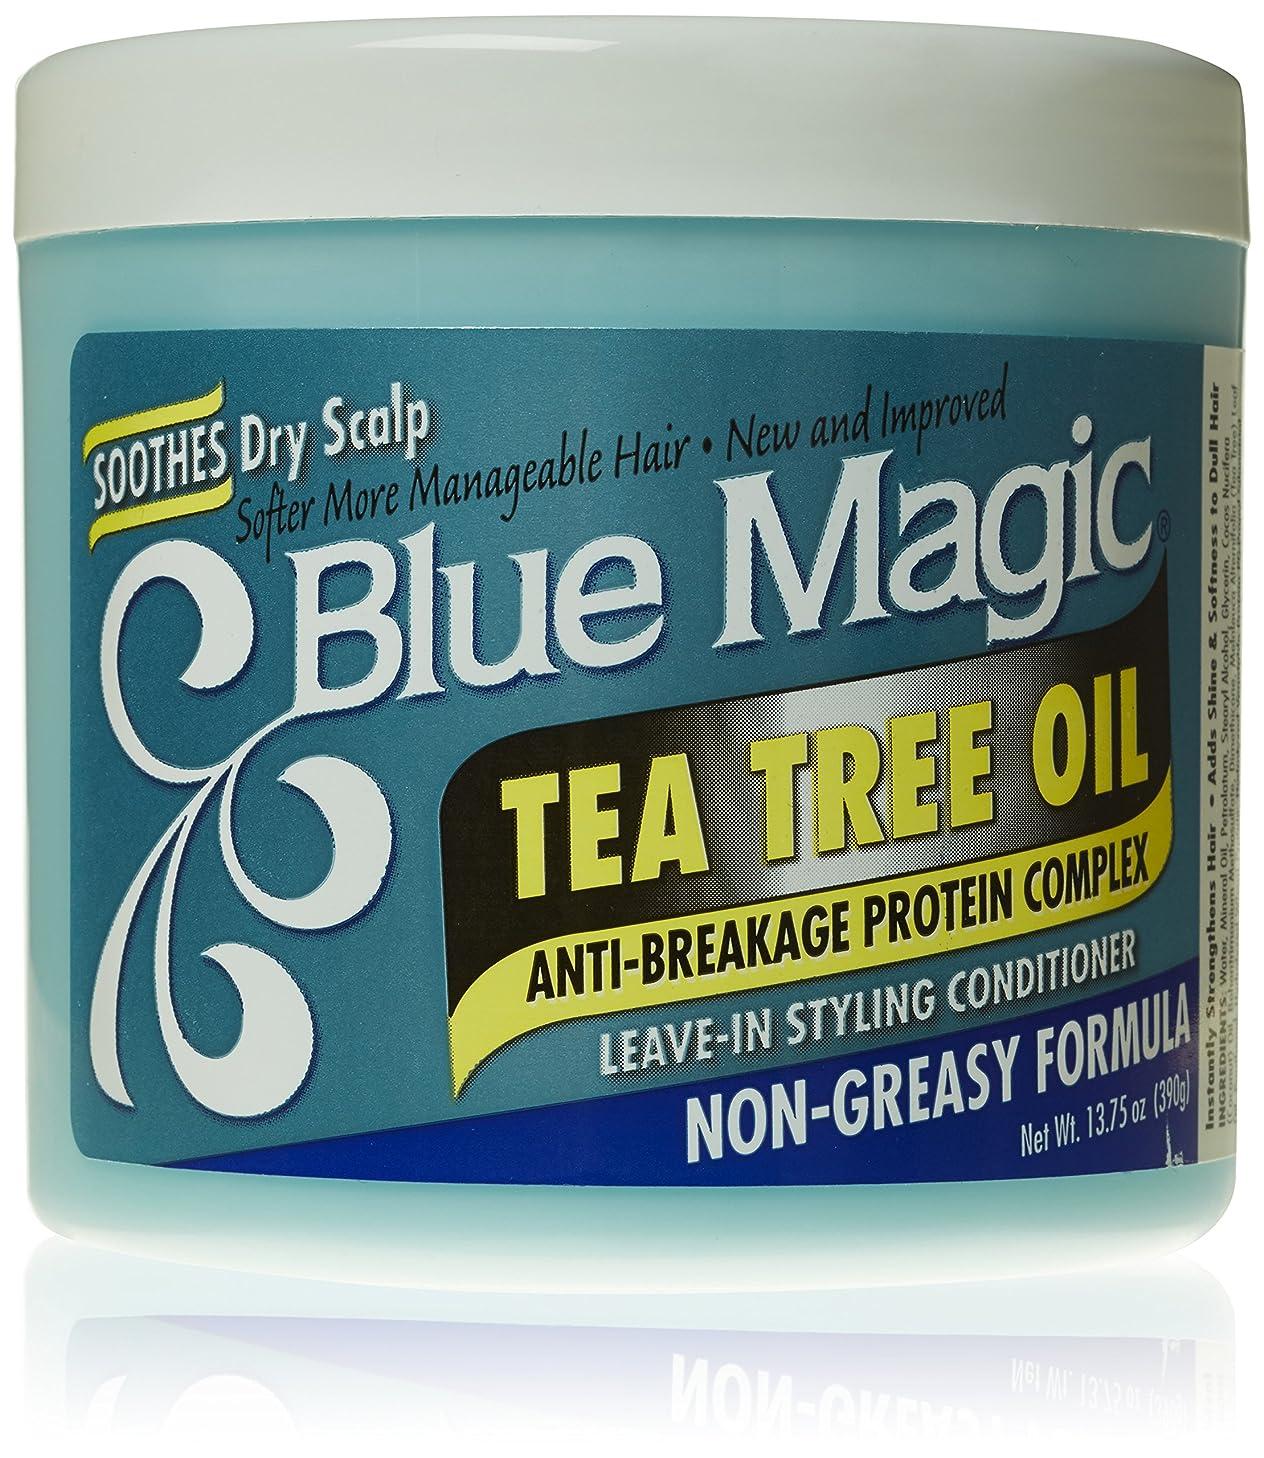 スパークナット震えBlue Magic ティーツリーは、リーブインヘアスタイリングコンディショナー、13.75オンス